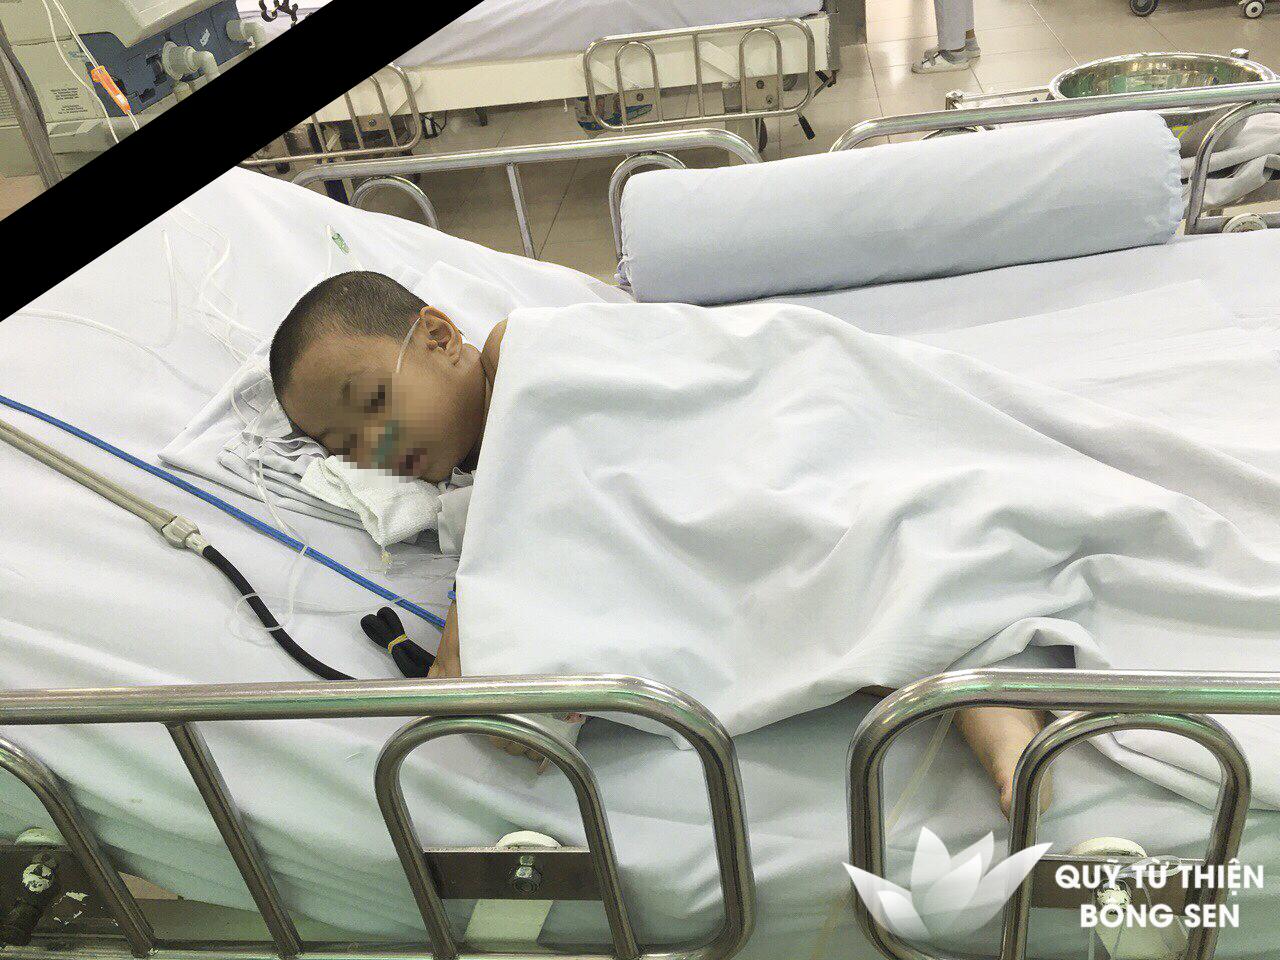 Kỳ 402: Bé Võ Văn Nam (7 tuổi) quê Tiền Giang, u não, hỗ trợ 8.100.000 đồng ngày 08/03/2019